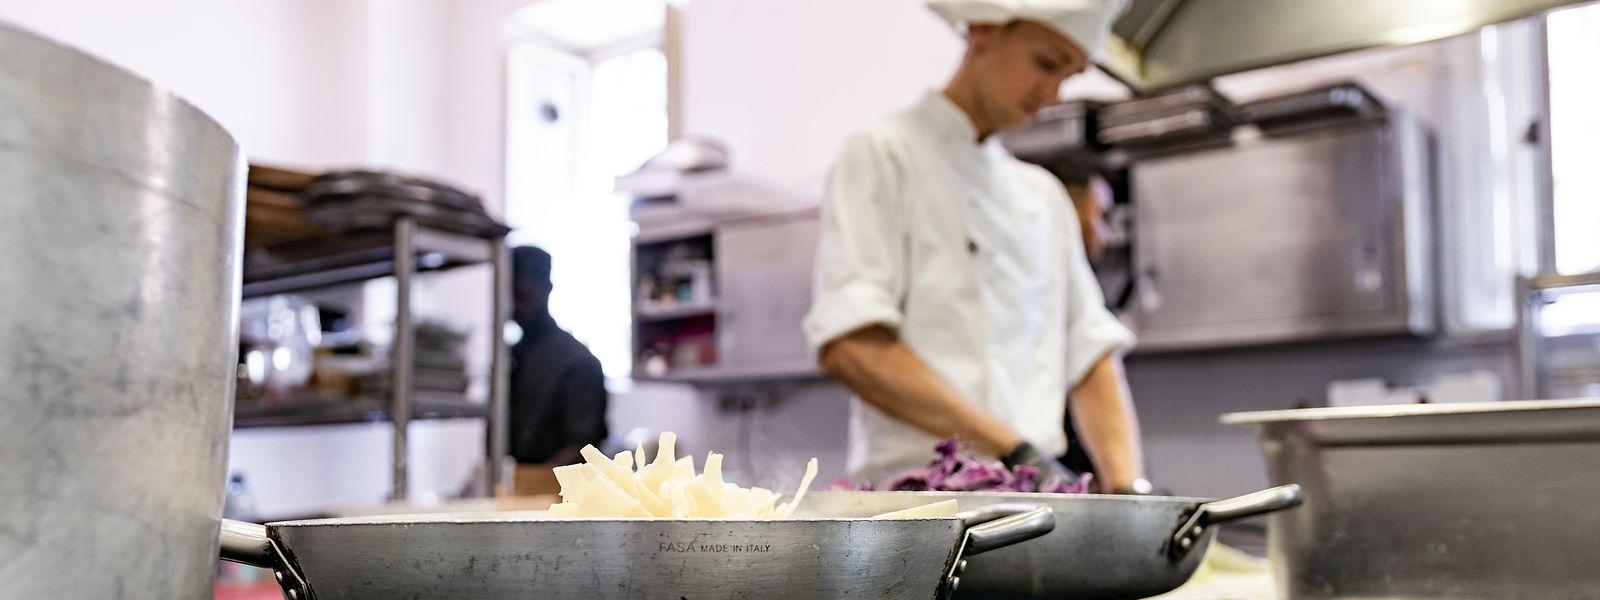 Die meisten Flüchtlinge, die sich in Luxemburg selbstständig machen wollen, wollen einen eigenen Foodtruck oder ein kleines Restaurant eröffnen.